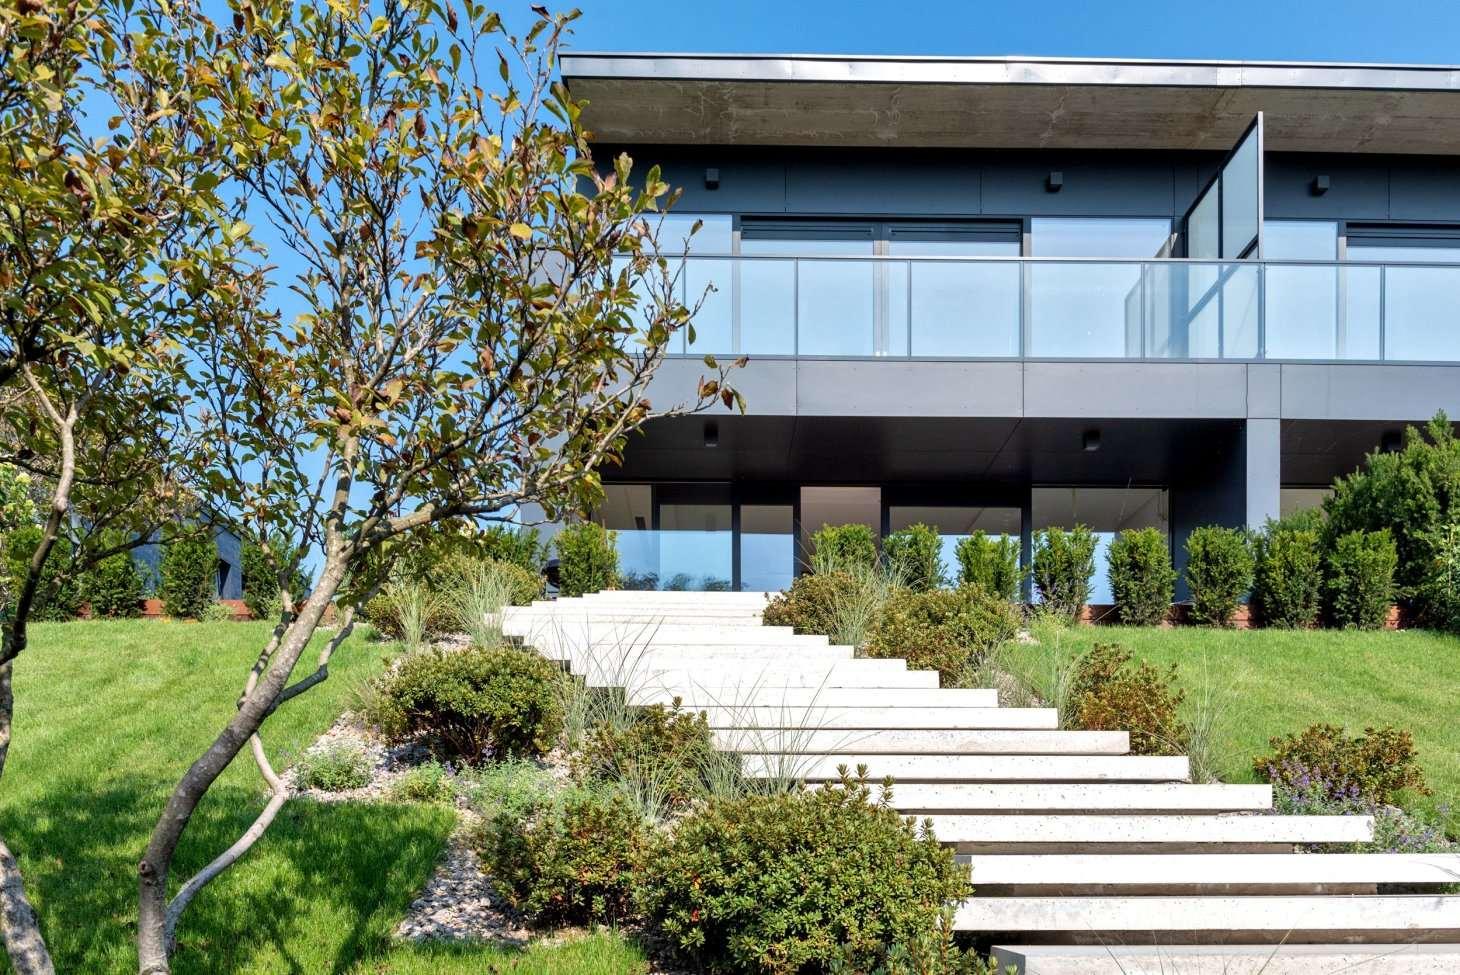 Elewacja domu – beton architektoniczny lub drewno. Co jest lepsze?